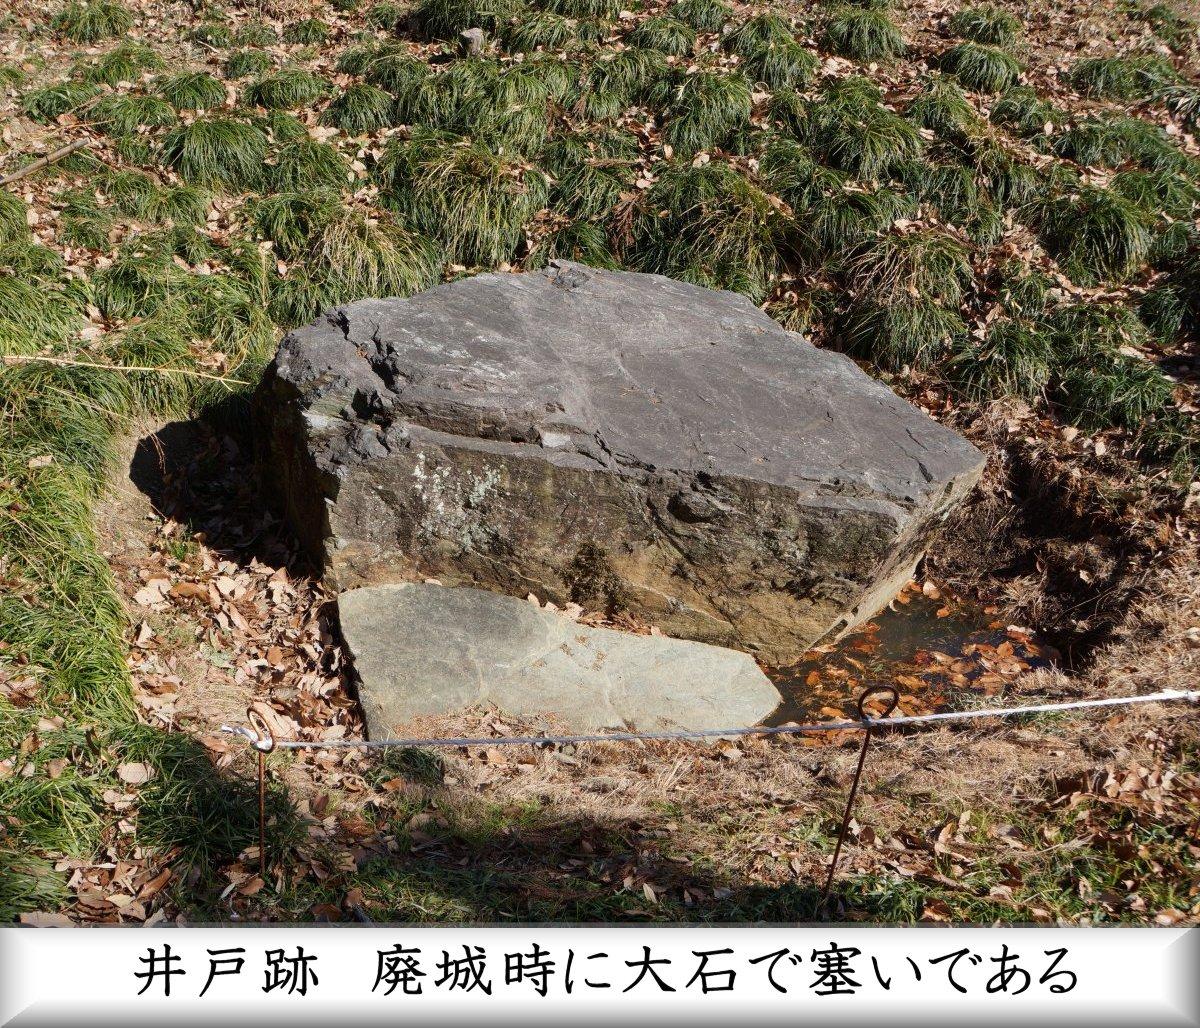 f:id:san-nin-syu:20210416164456j:plain